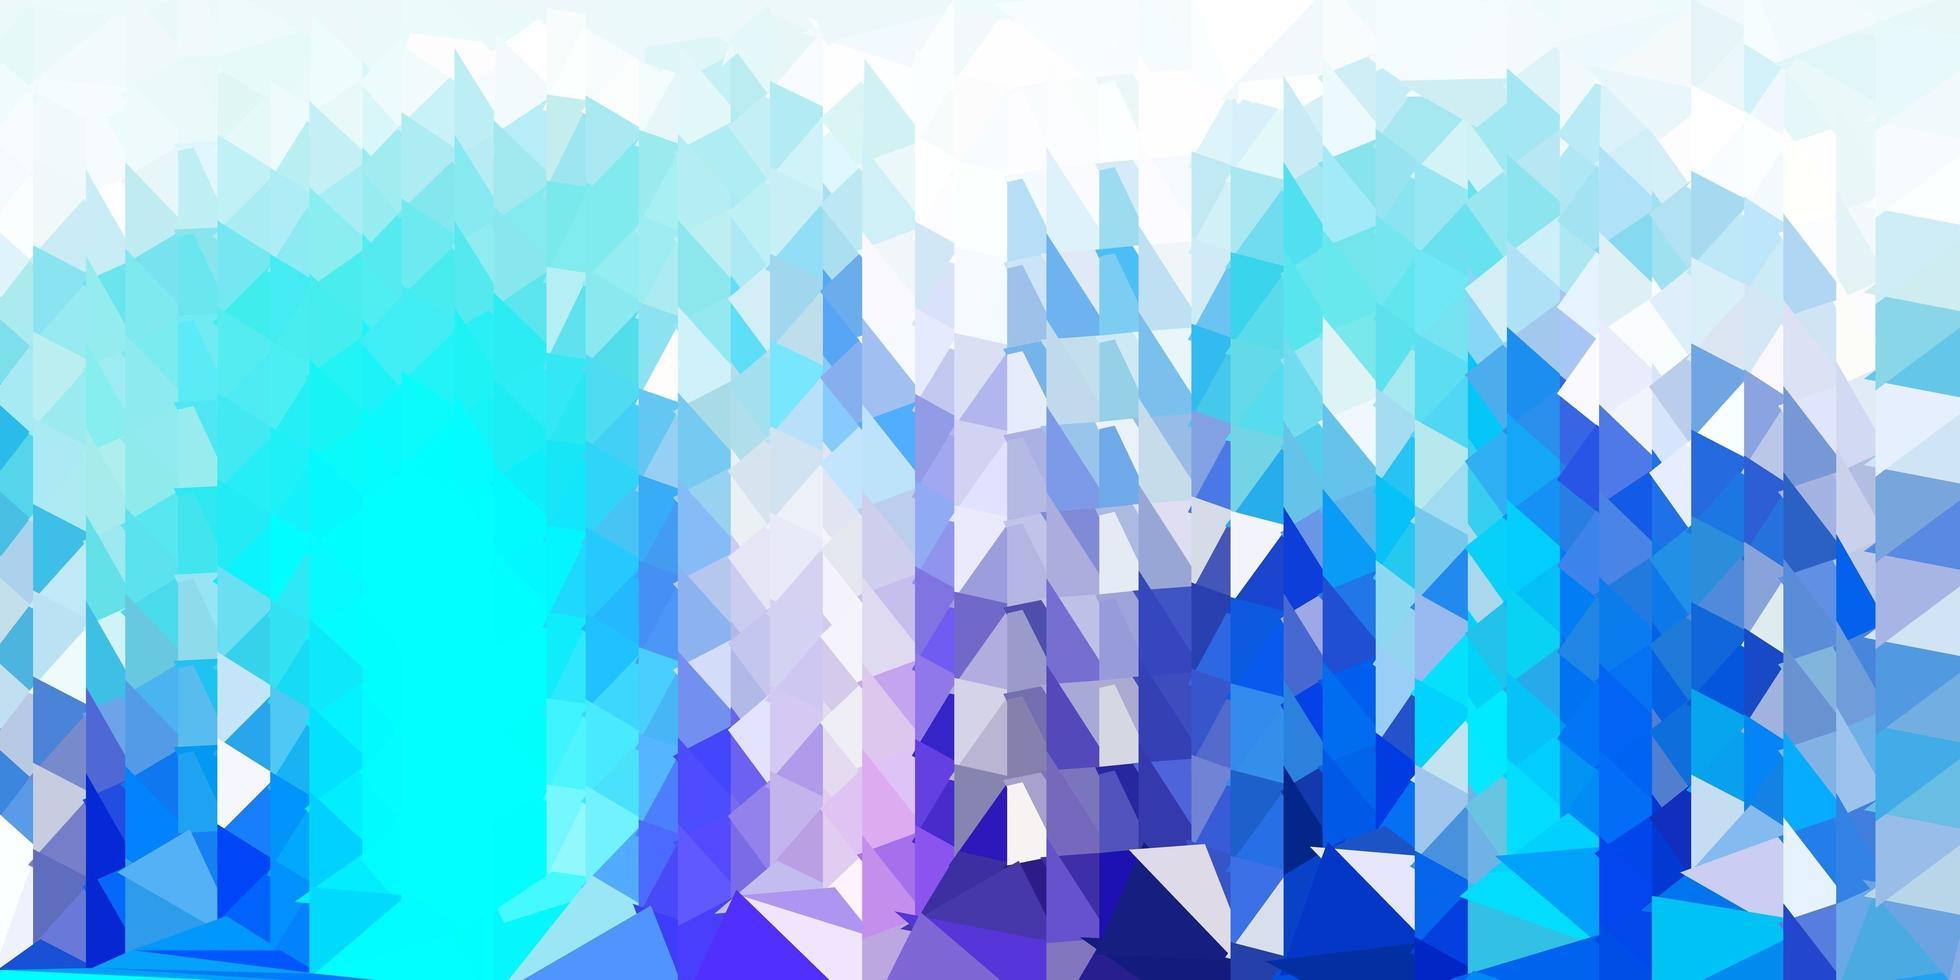 ljusrosa, blå vektor abstrakt triangel bakgrund.